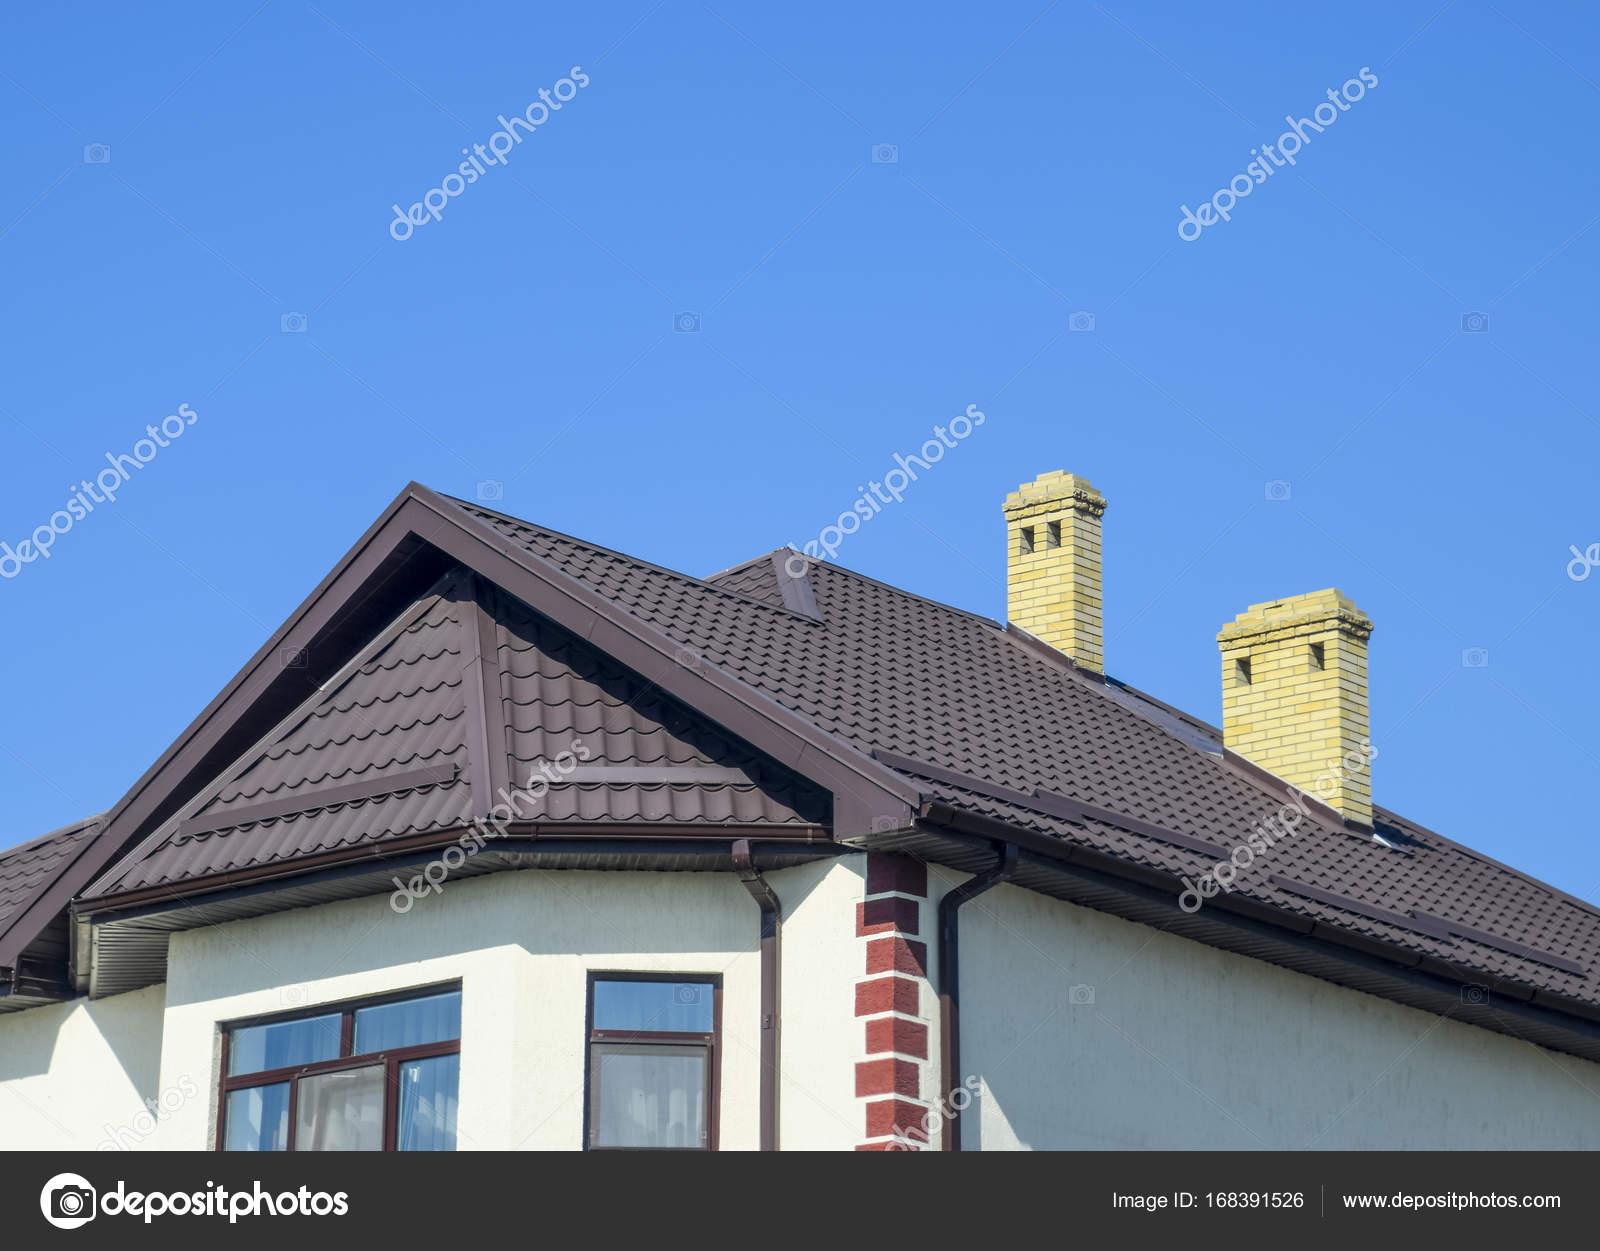 Haus mit Kunststoff-Fenster und Dach aus Wellblech. Überdachung des ...